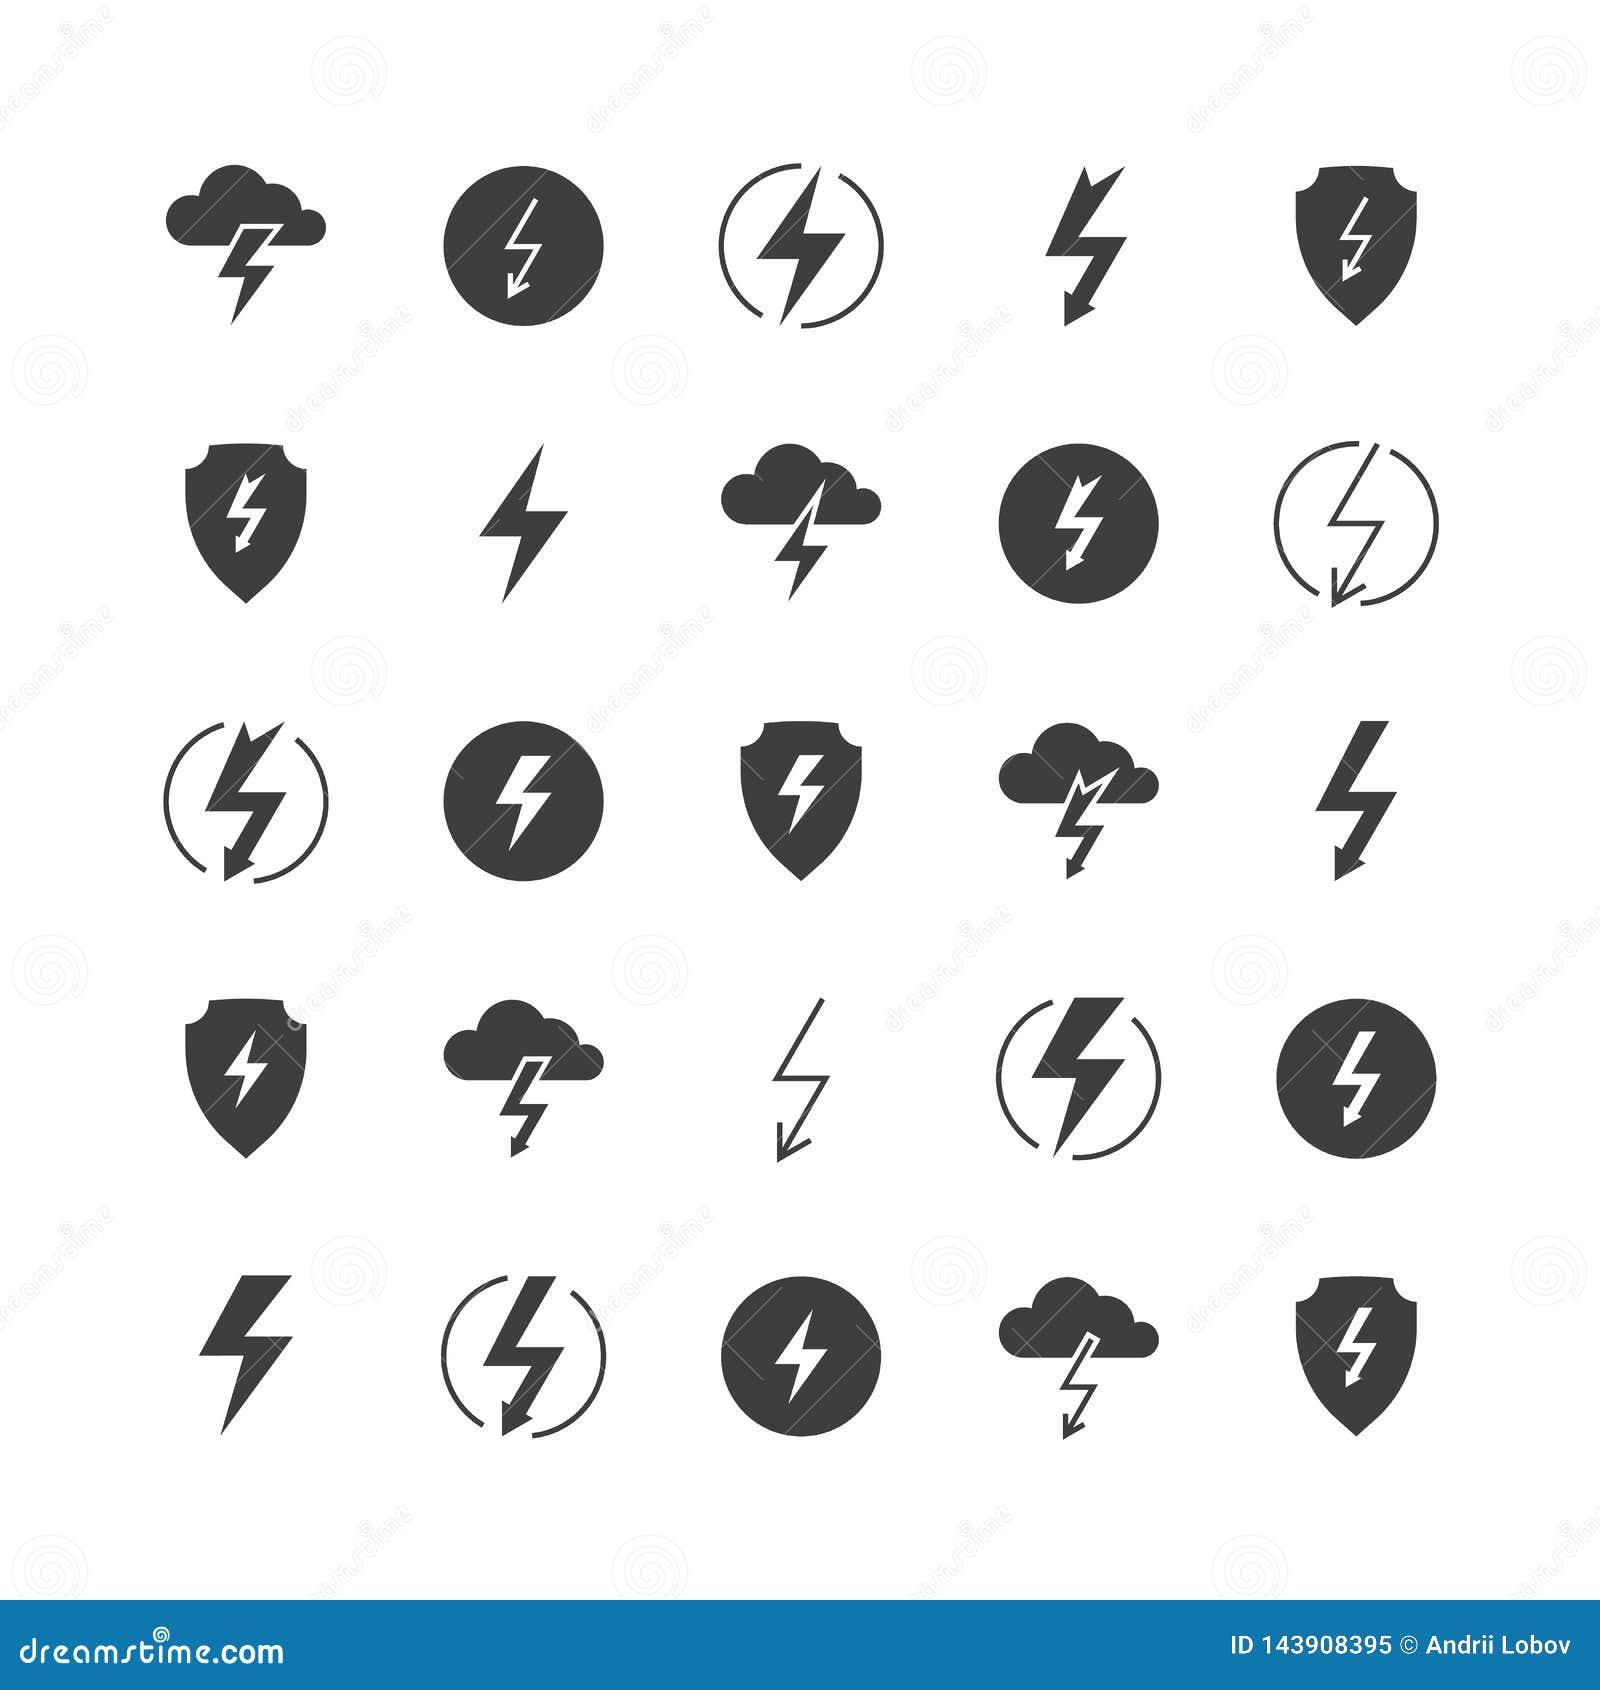 Blitzschattenbildikonen laden Donnervektorillustrations-Blitzbolzen-Donnerbeleuchtungskörperverletzungs-Streiklinie Ikone auf